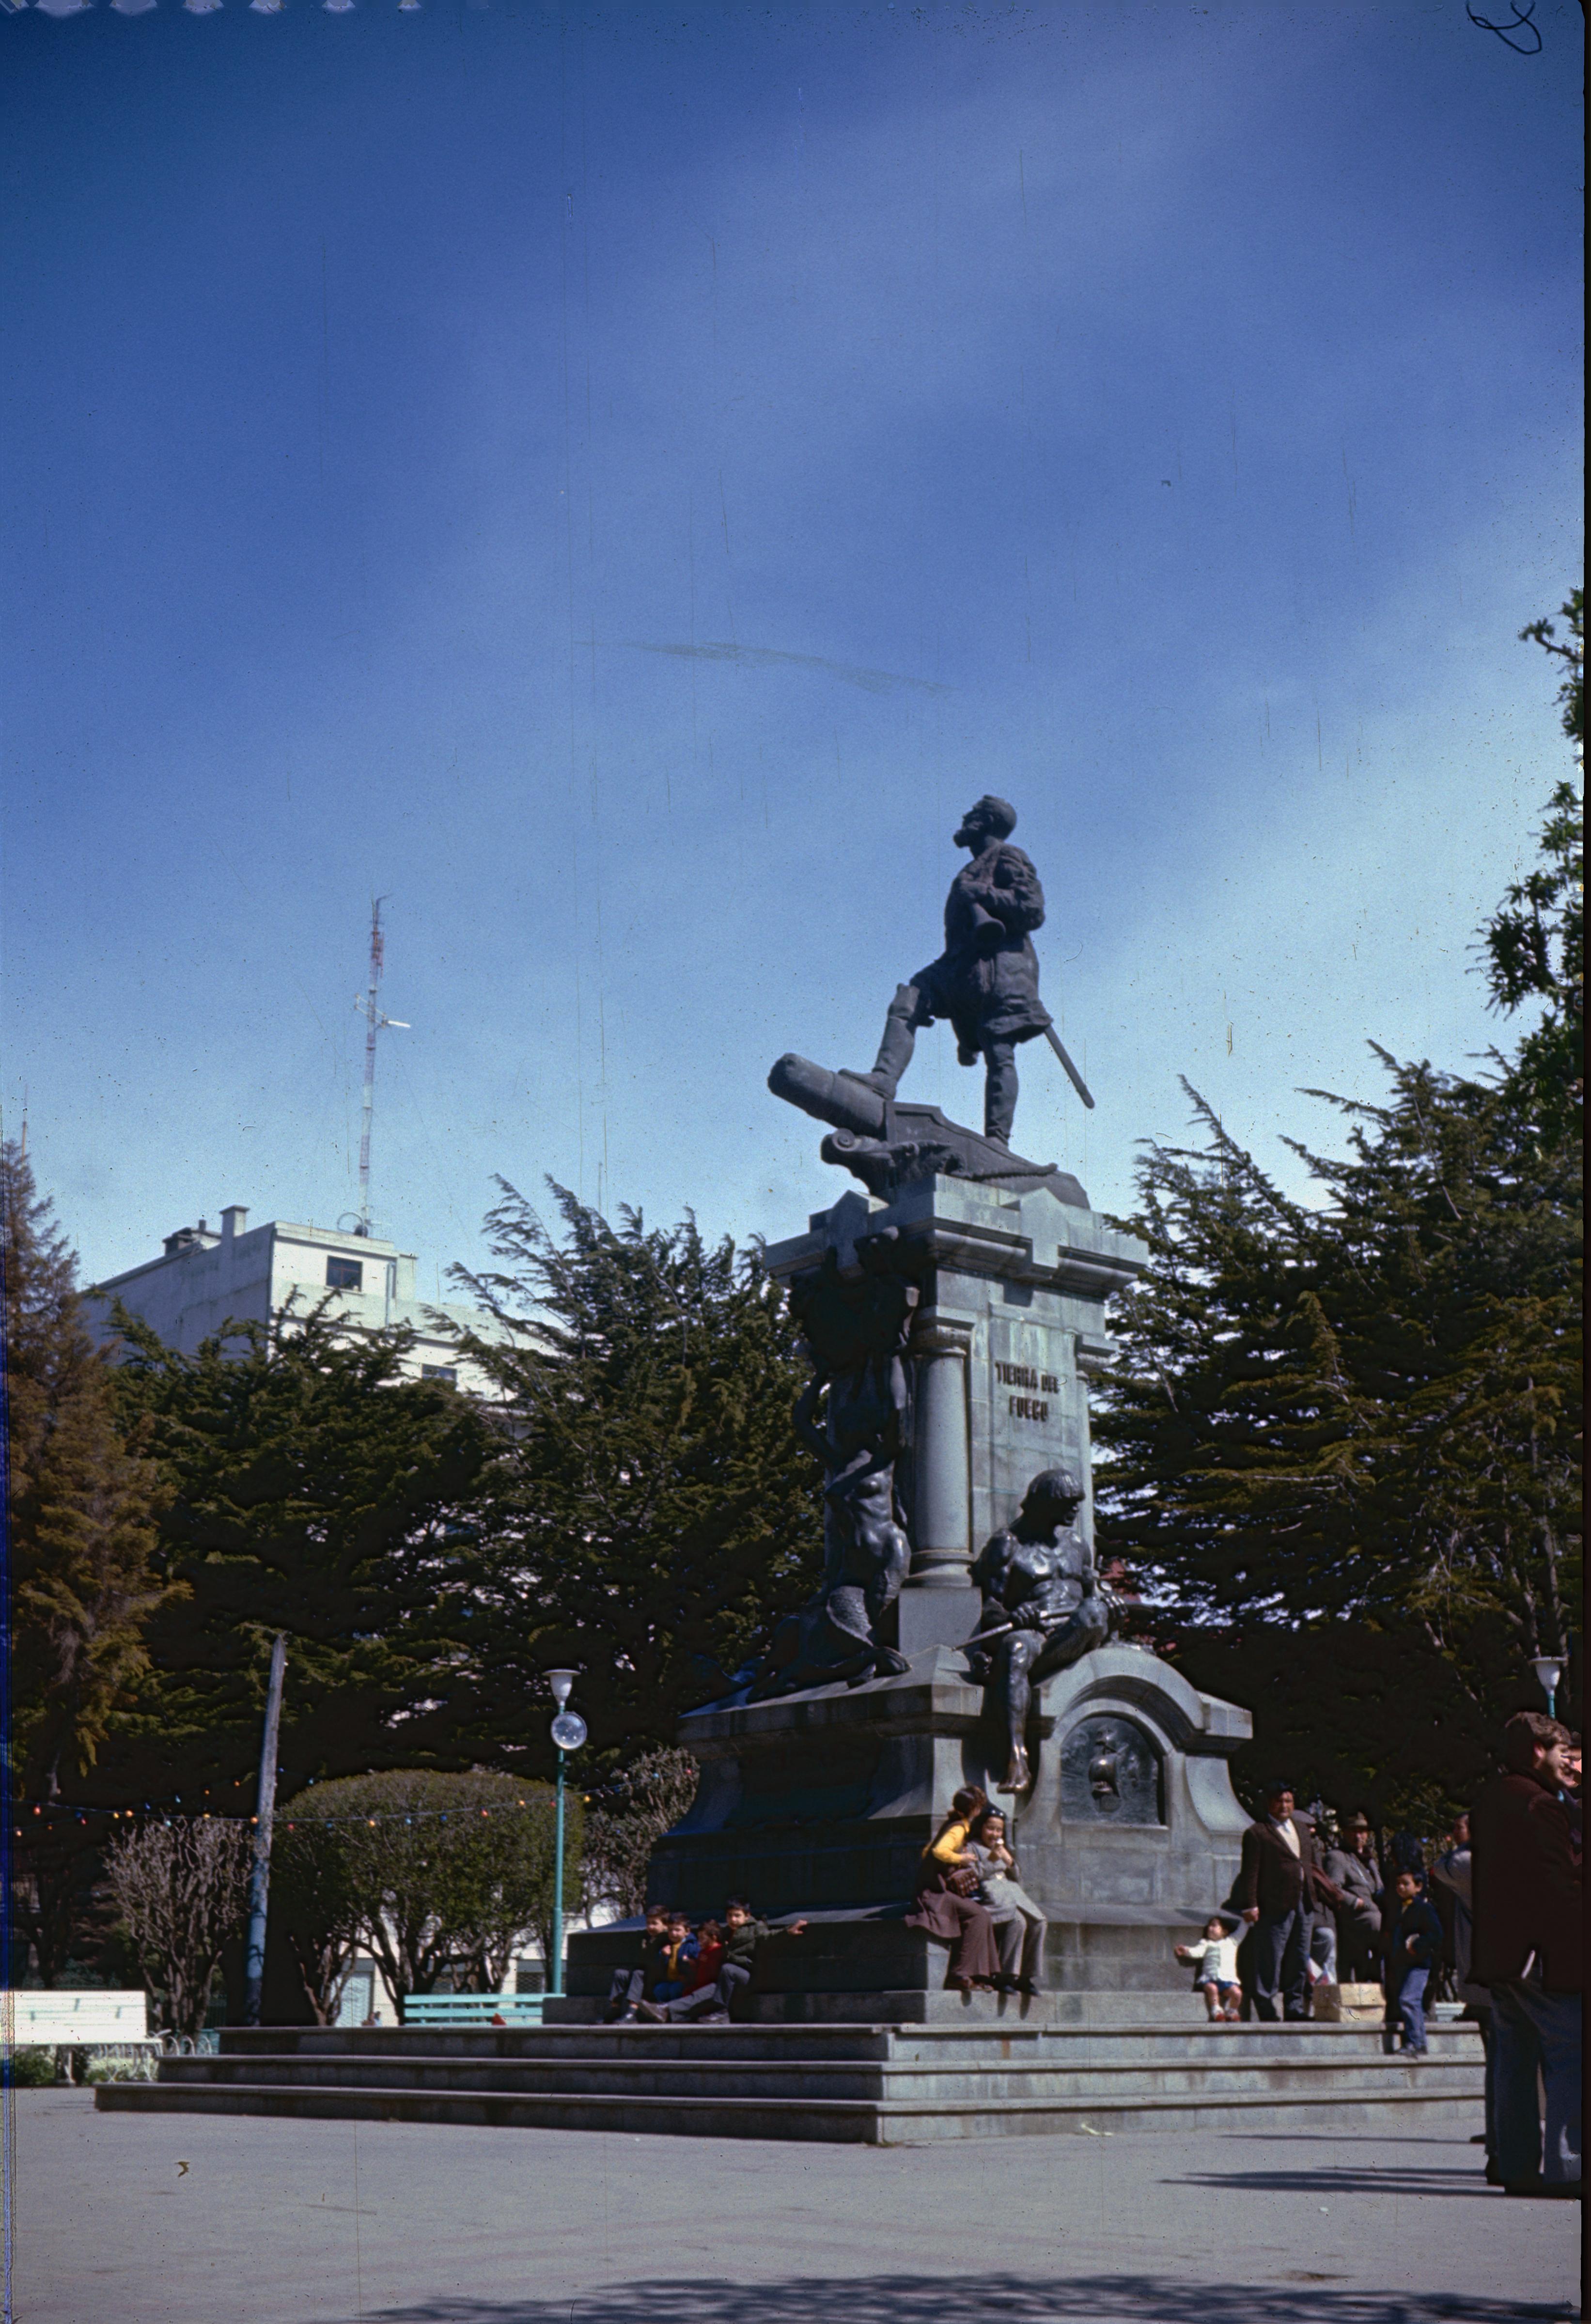 Enterreno - Fotos históricas de chile - fotos antiguas de Chile - Monumento Hernando de Magallanes en 1967